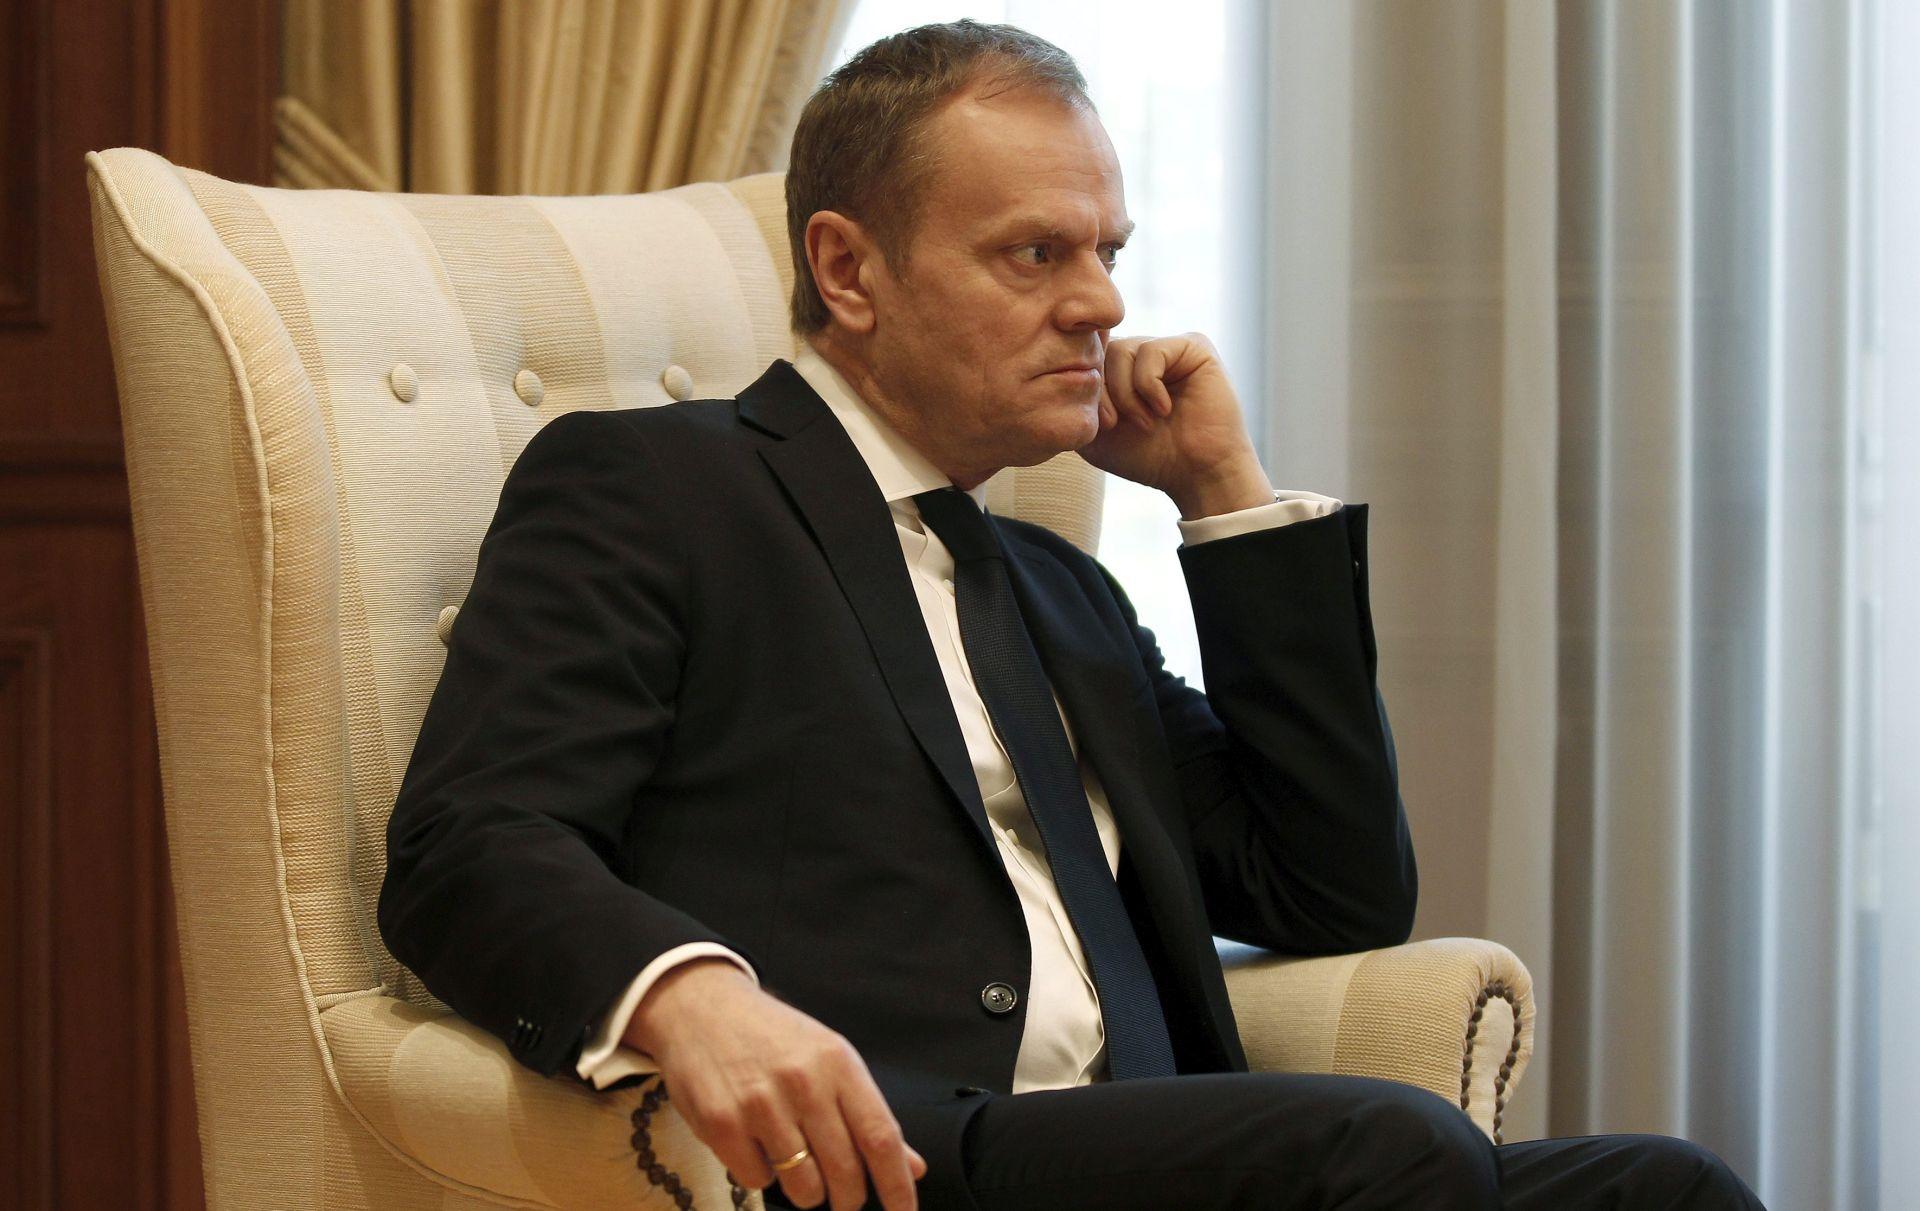 IZBJEGLIČKA KRIZA Donald Tusk danas se sastaje s turskim predsjednikom